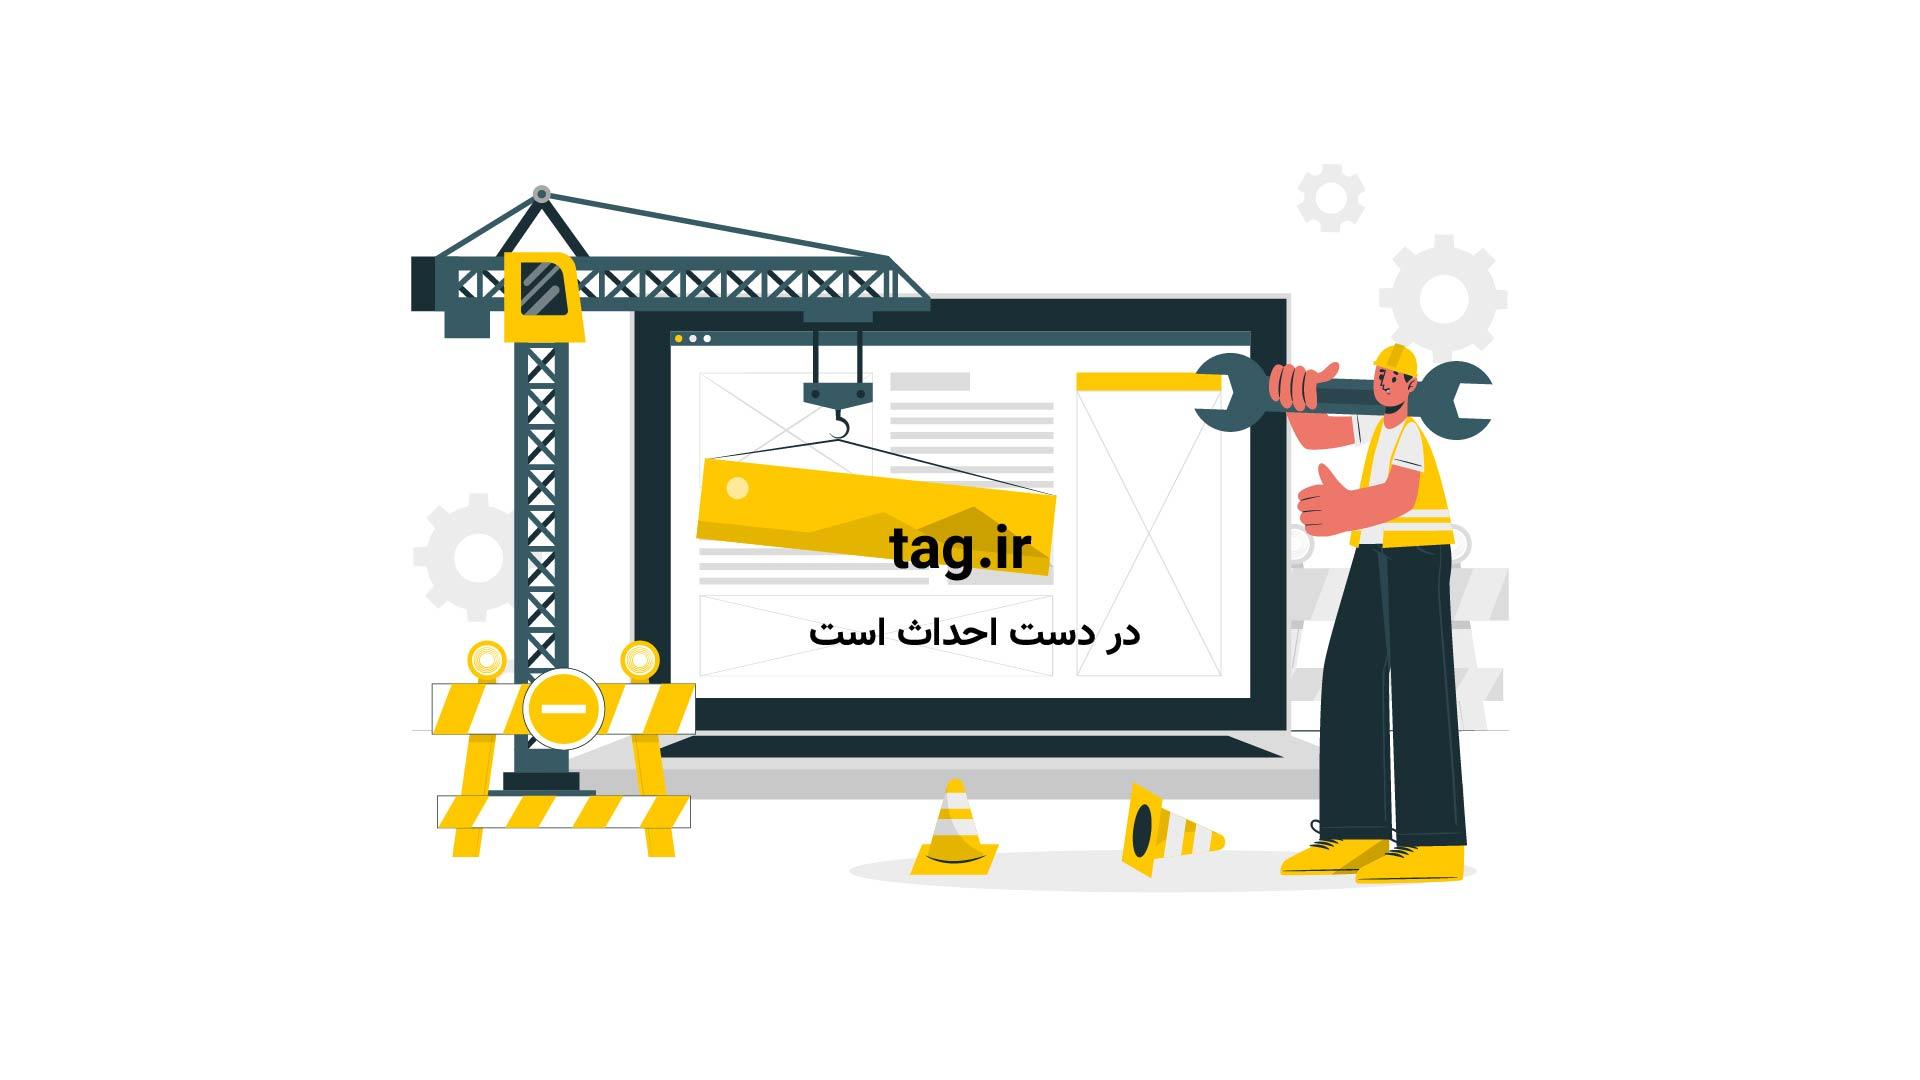 فاجعه بزرگ در کالیفرنیا آمریکا | فیلم